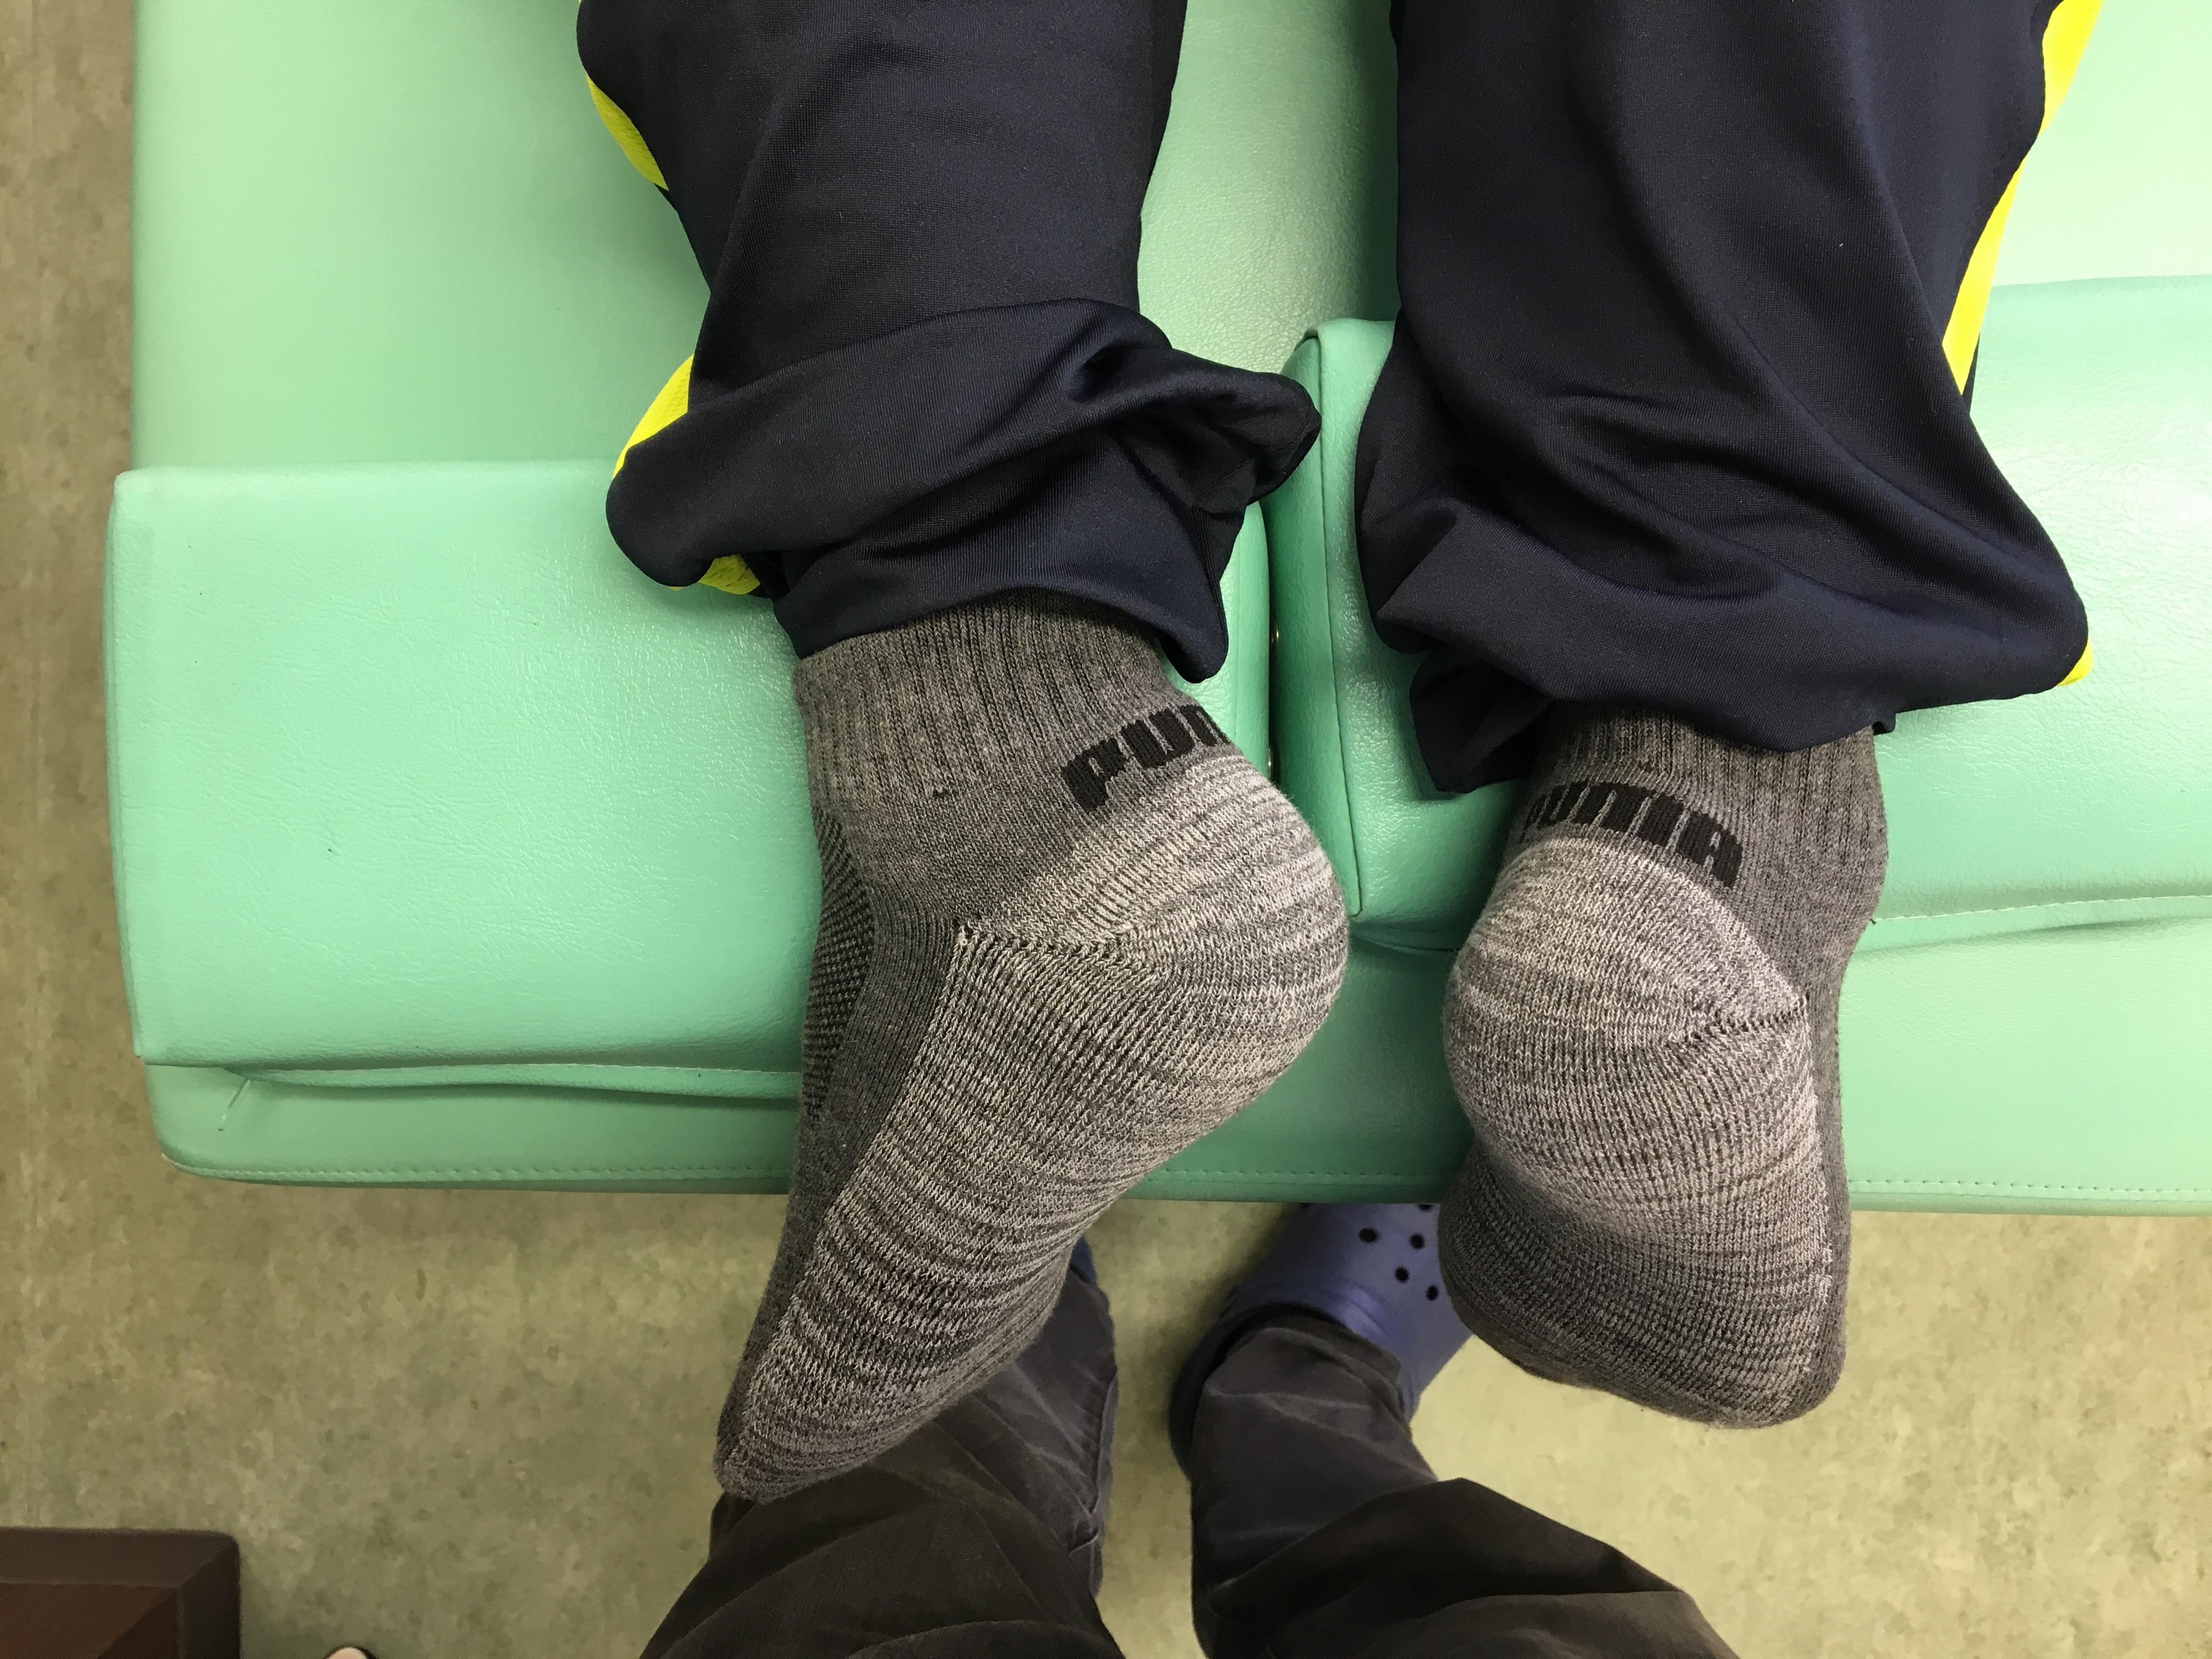 腰痛の出る姿勢・歪みパターン:典型的例(骨盤矯正・整体) 名古屋市東区 天仁接骨院